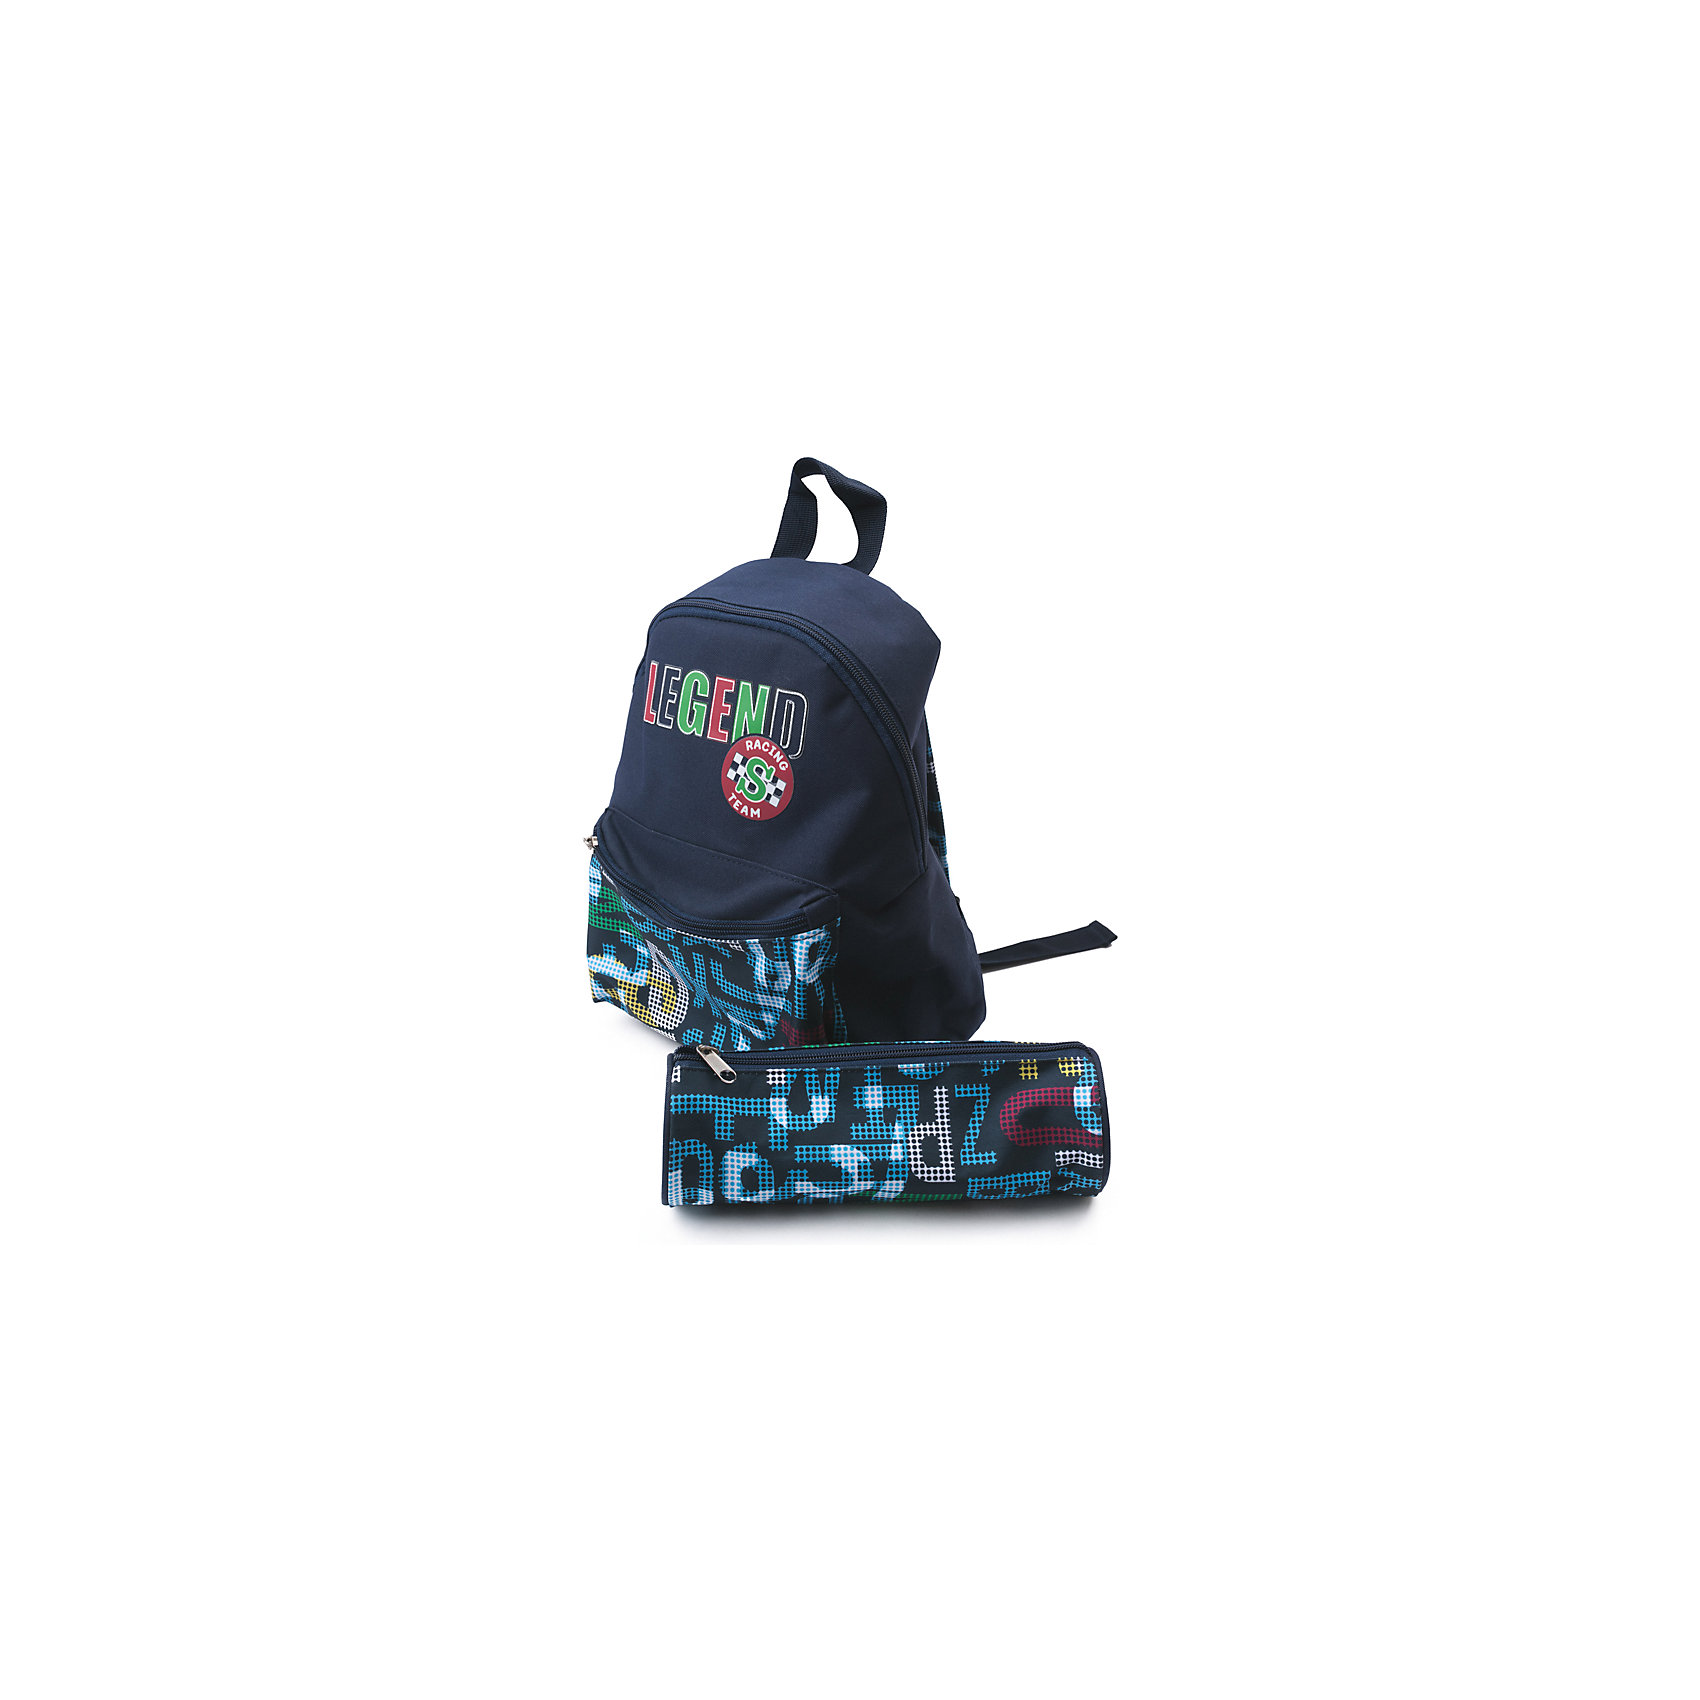 Сумка для мальчика PlayTodayСумки и рюкзаки<br>Сумка для мальчика PlayToday<br>Этот рюкзак понравится Вашему ребенку! В нем поместятся все необходимые  принадлежности. Выполнен из прочного безопасного материала. В комплекте мягкий пенал аналогичной расцветкиПреимущества: Лямки, регулируемые по длинеВодооталкивающая пропиткаВ комплекте мягкий пенал аналогичной расцветки<br>Состав:<br>Верх: 100% полиэстер, подкладка: 100% полиэстер<br><br>Ширина мм: 170<br>Глубина мм: 157<br>Высота мм: 67<br>Вес г: 117<br>Цвет: полуночно-синий<br>Возраст от месяцев: 60<br>Возраст до месяцев: 144<br>Пол: Мужской<br>Возраст: Детский<br>Размер: one size<br>SKU: 5403595